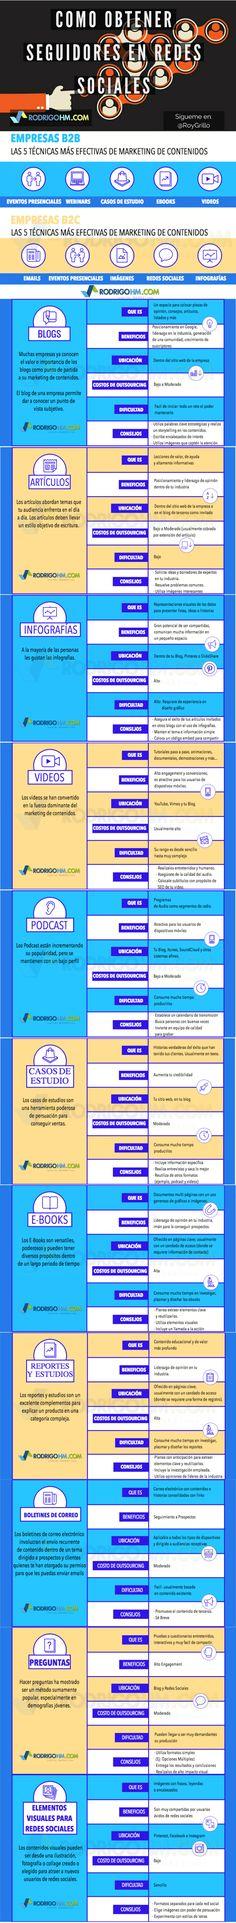 Las 5 técnicas más efectivas de marketing de contenidos. Infografia en español. #CommunityManager